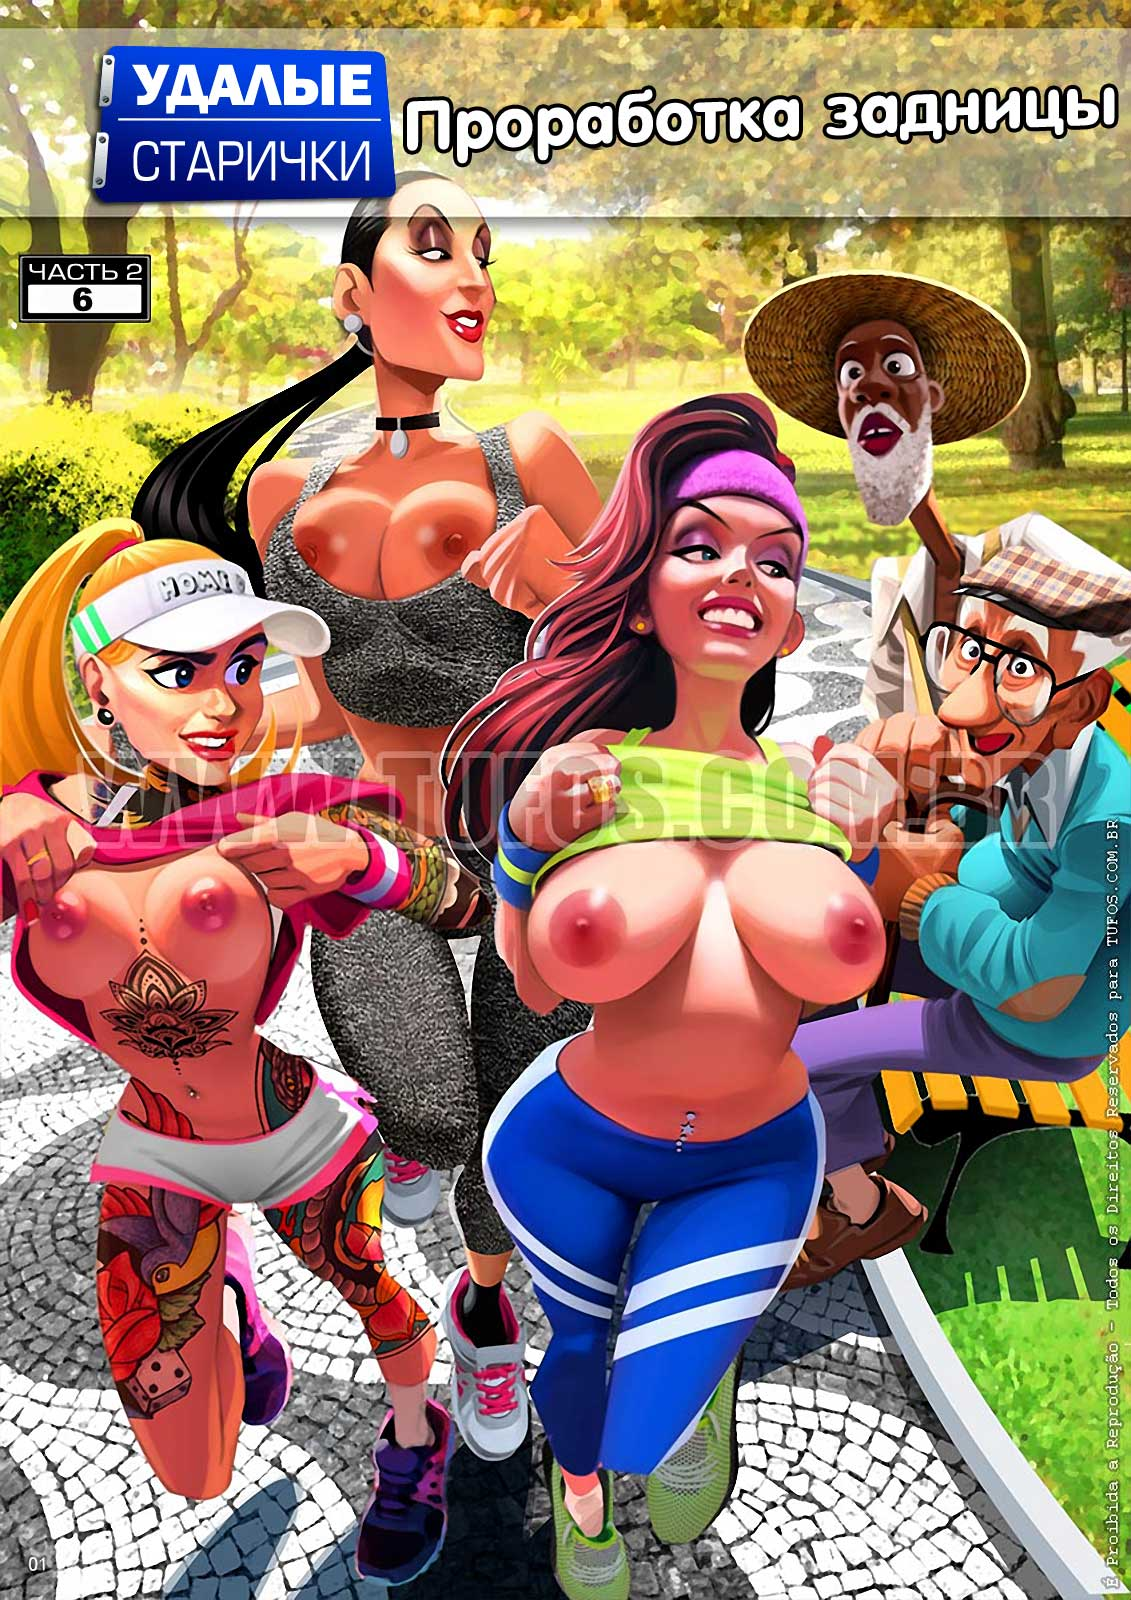 порно комикс удалые старички 6